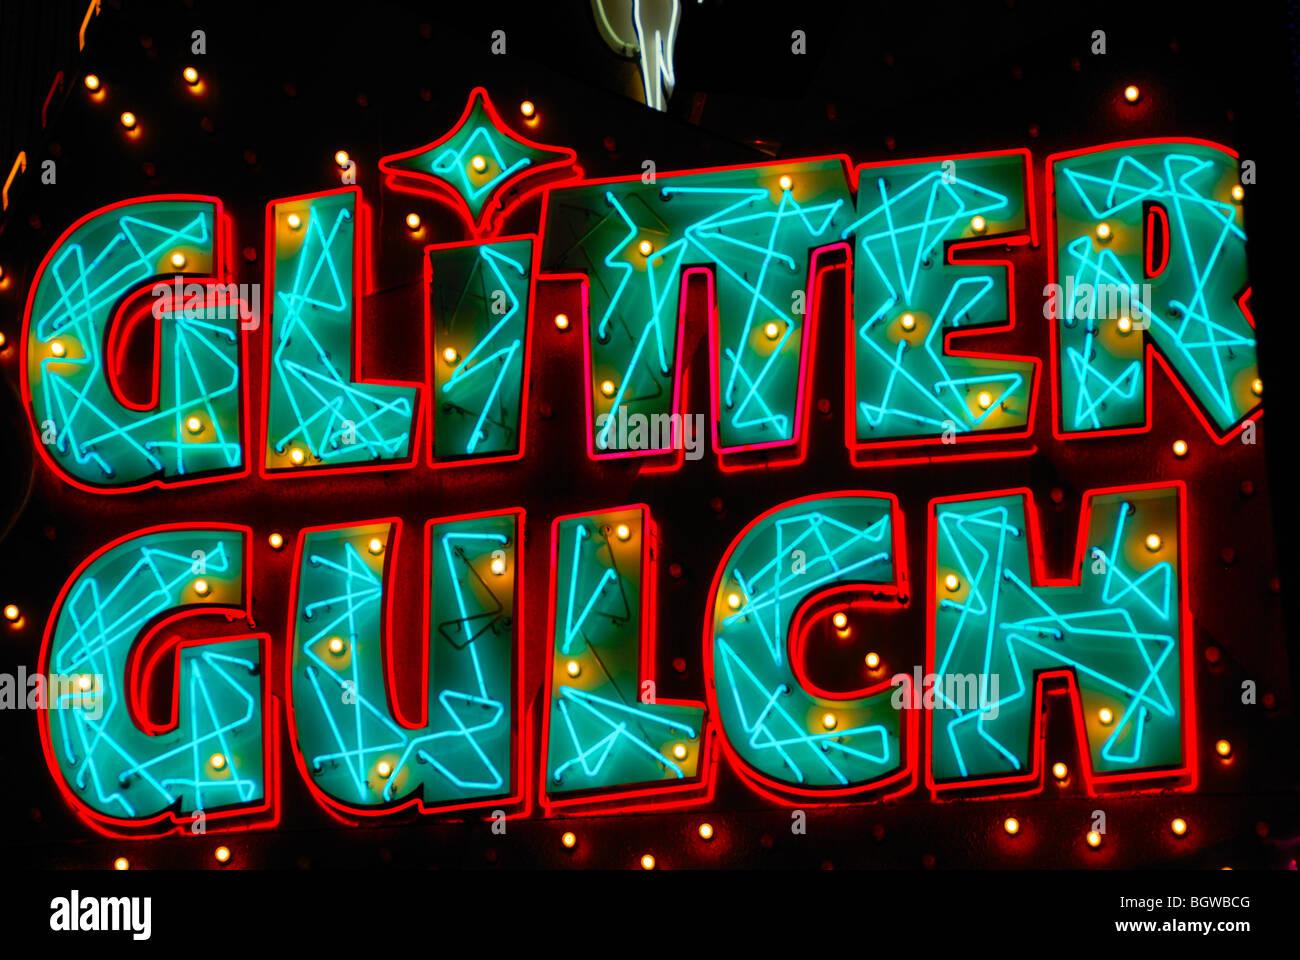 Diese Glitter Gulch Leuchtreklame ist auf einem berühmten Strip-Club auf der Fremont Street, Las Vegas, Nevada. Stockbild